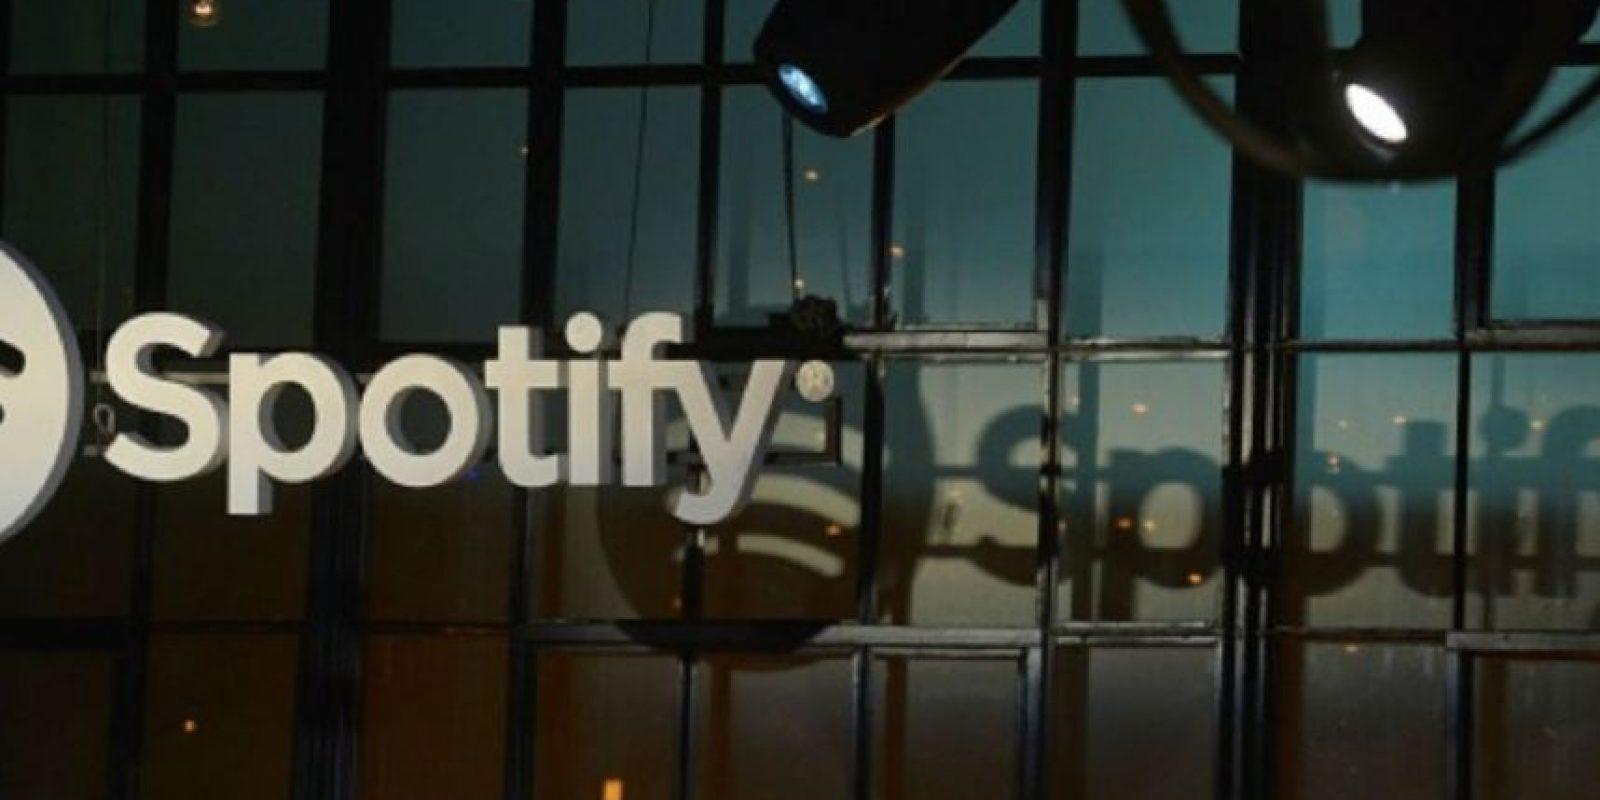 Usuarios que no paguen en Spotify no podrán escuchar todos sus discos favoritos. Foto:Getty Images